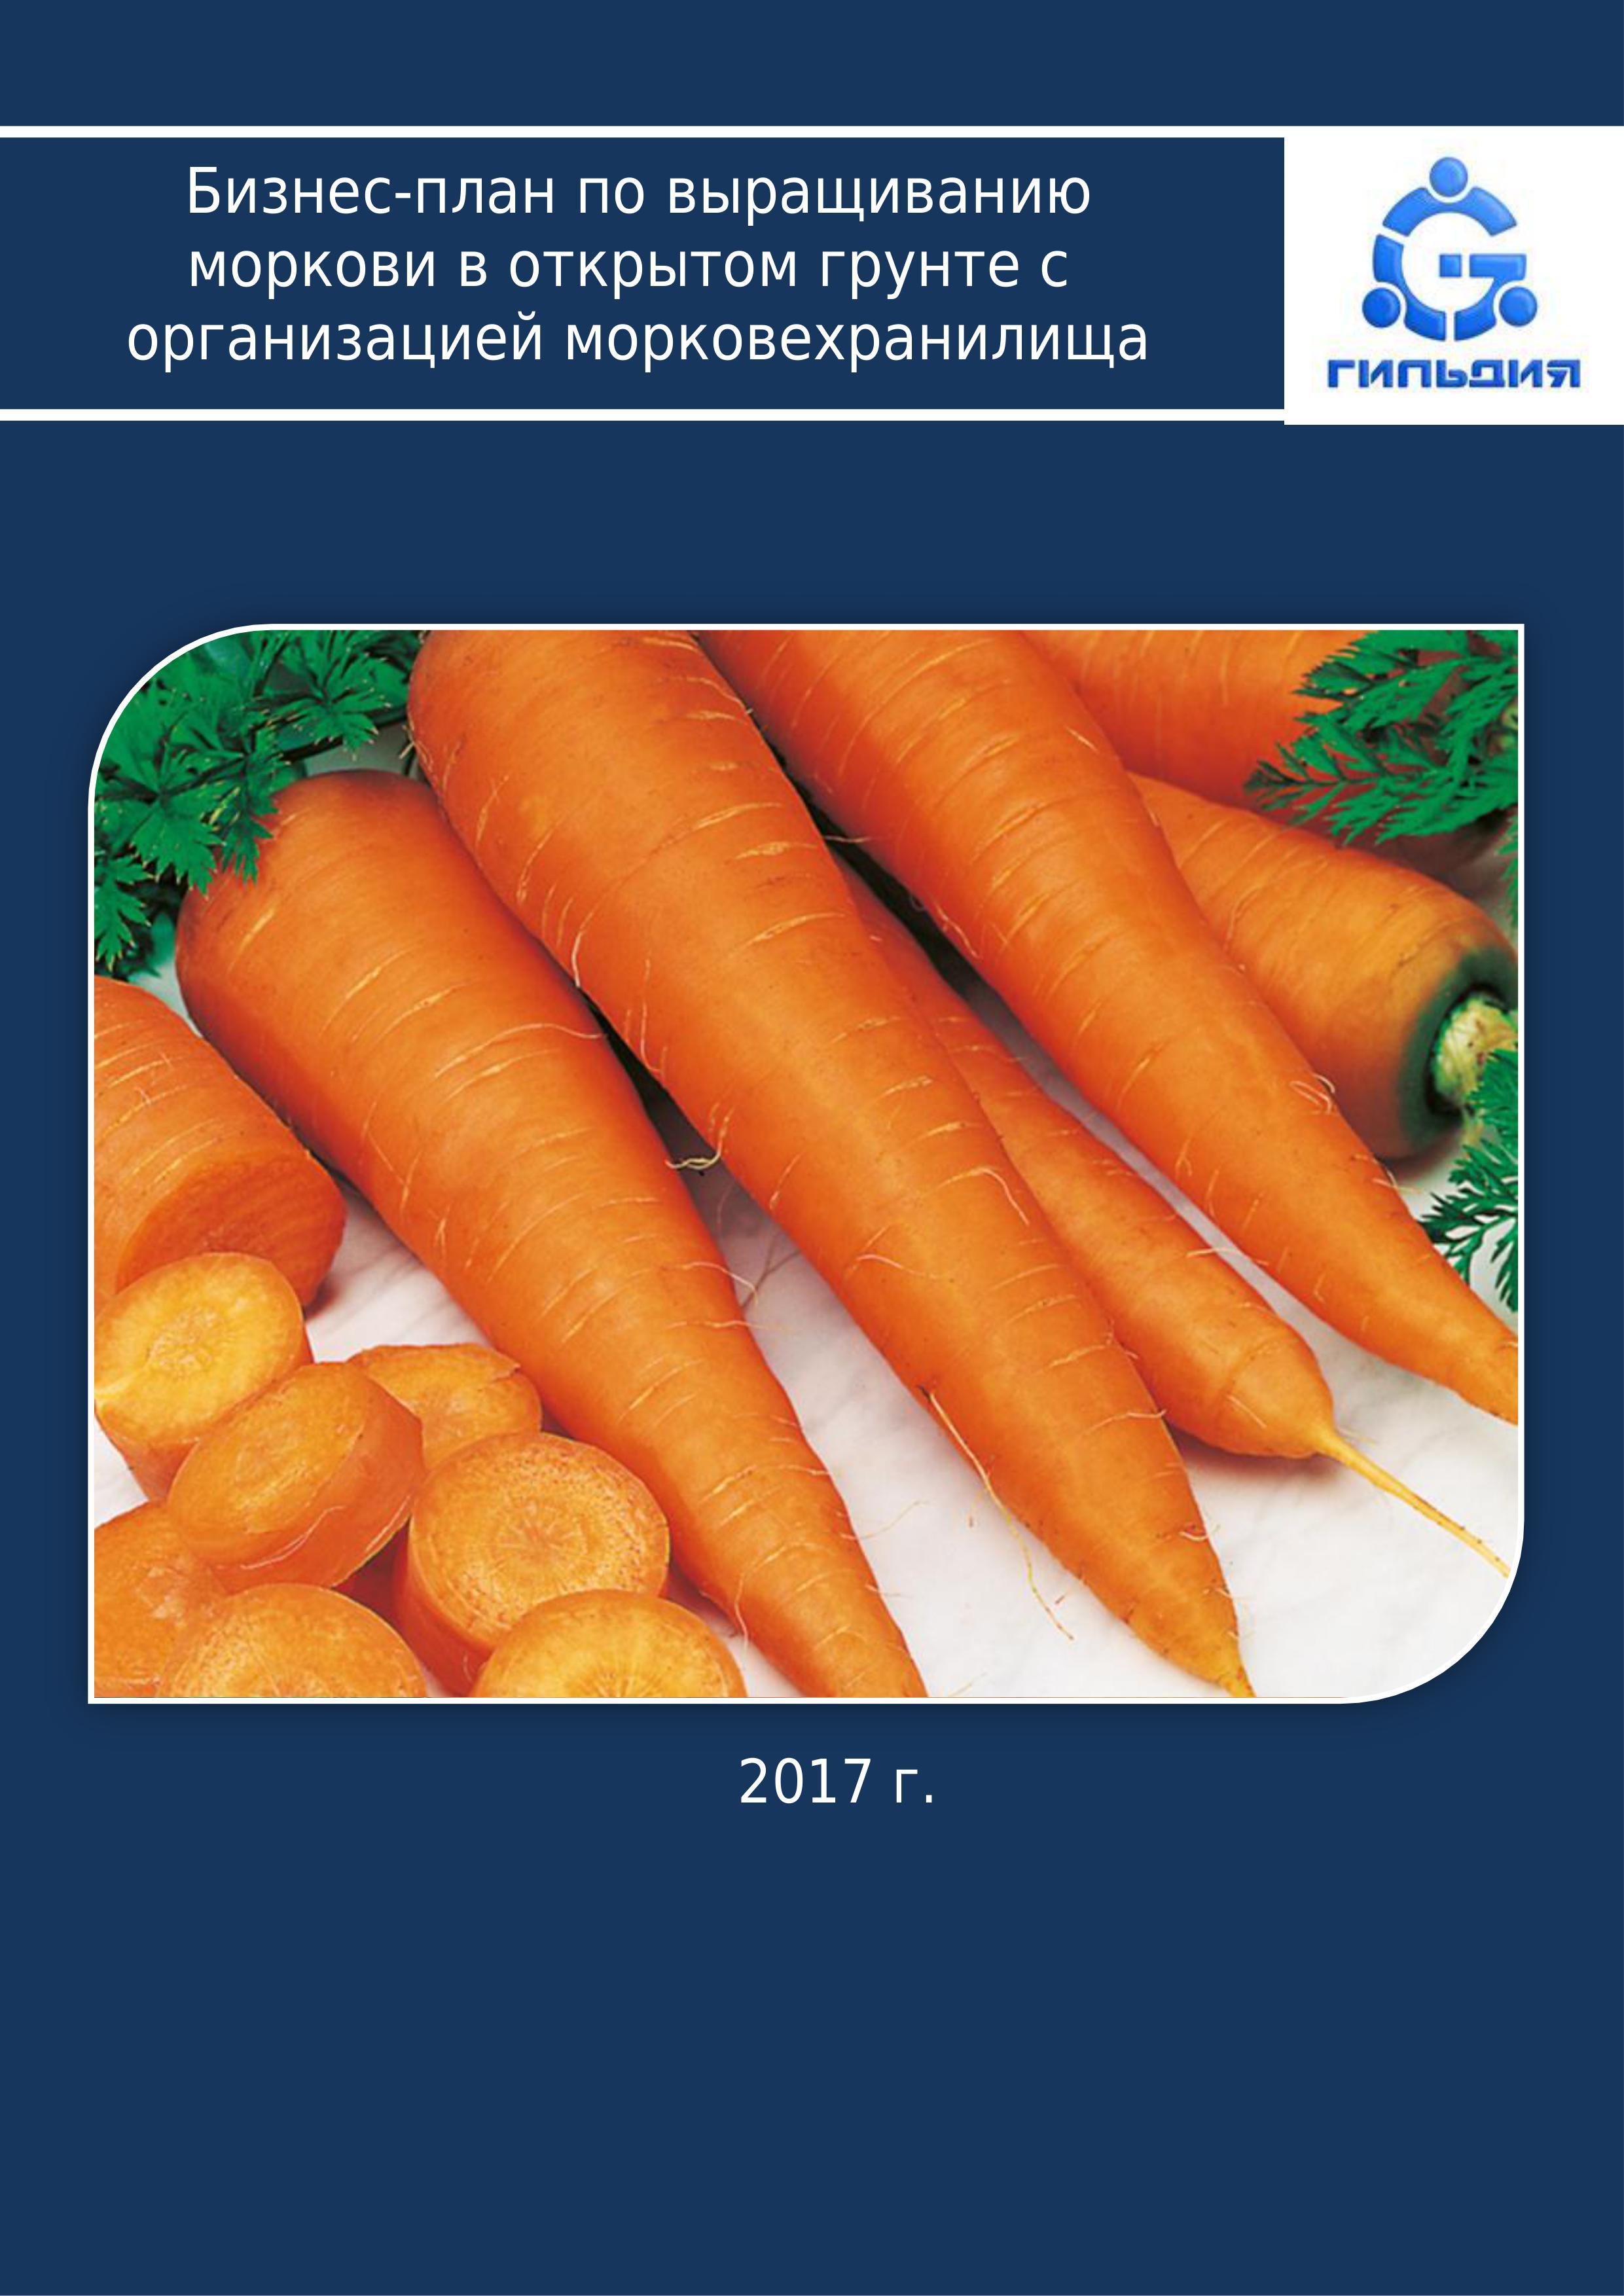 Выращивание моркови как бизнес: организация и план - бизнес идеи 87